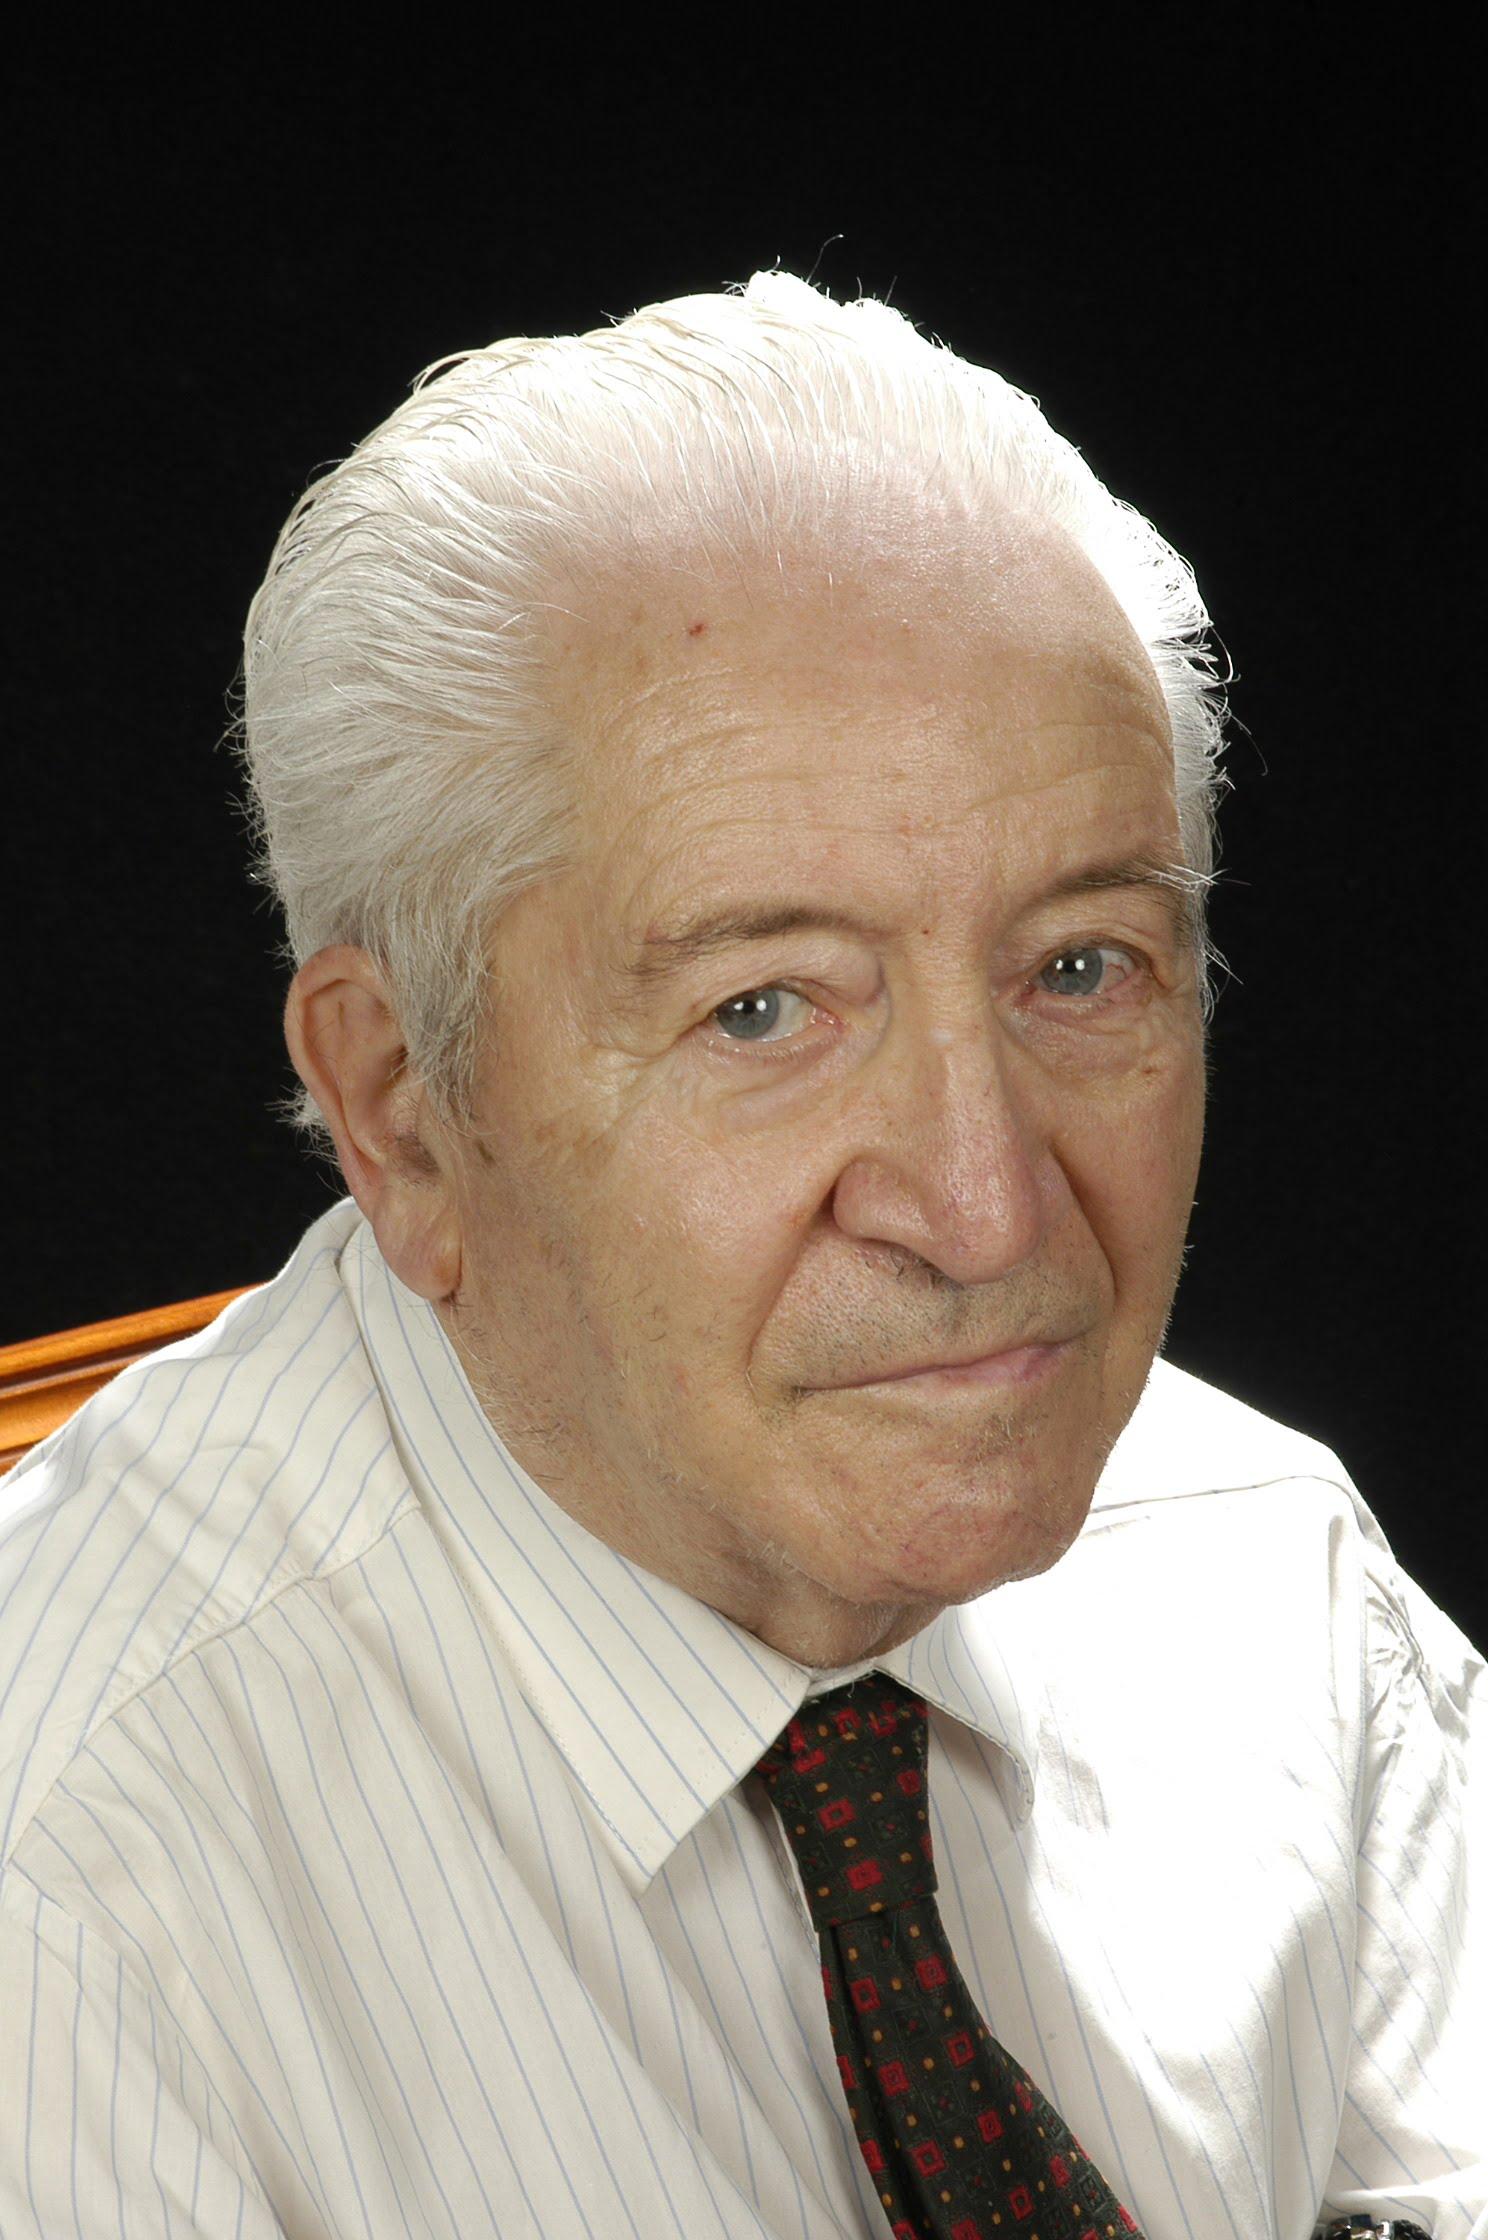 Dr. Oriol Riba Arderiu